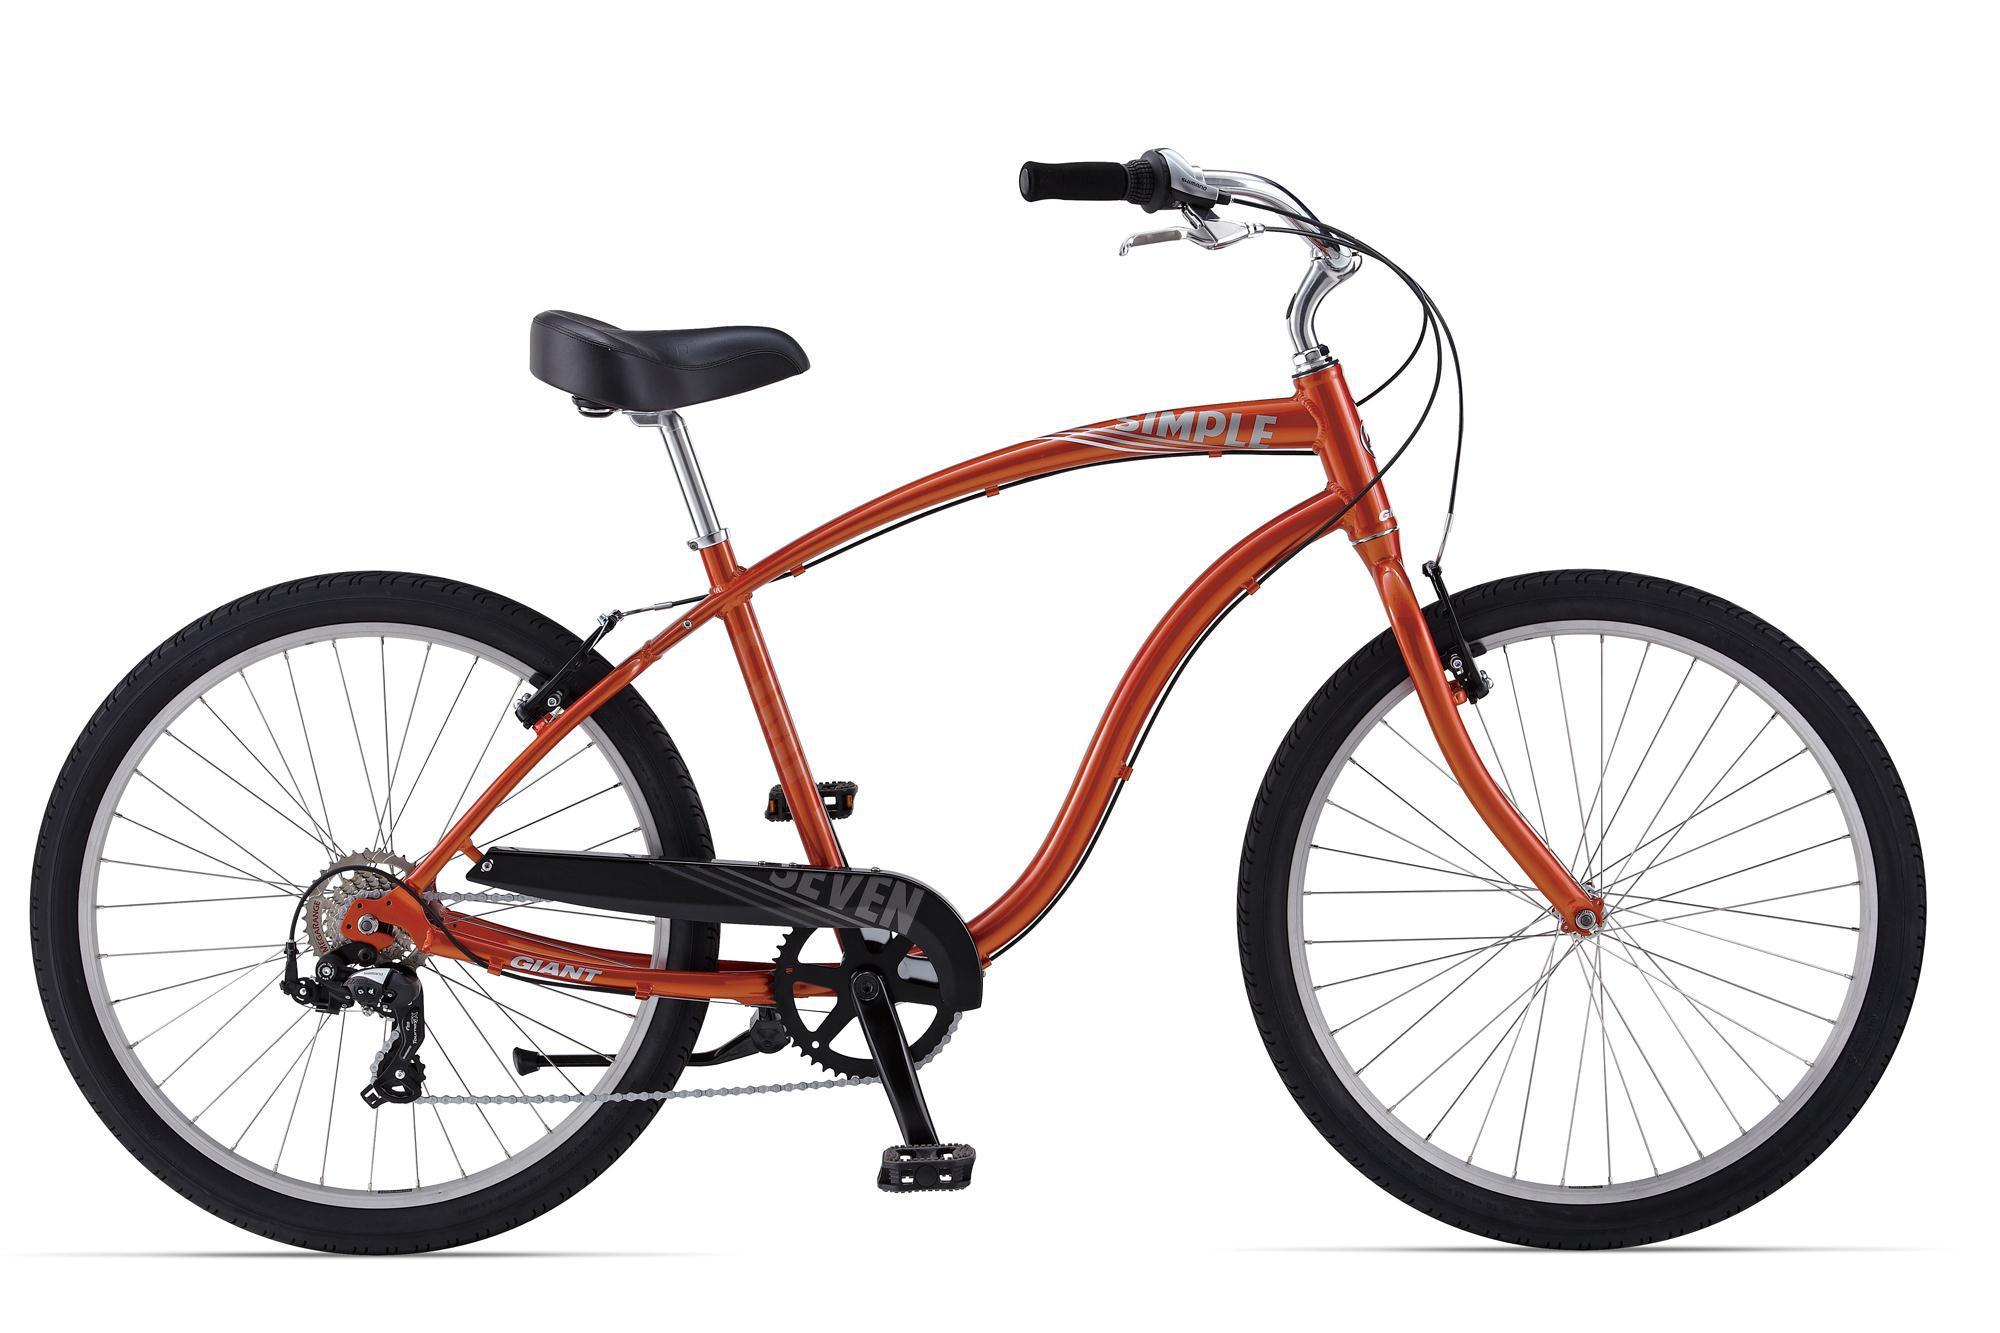 Giant Simple Seven (2014)Городские<br>Для ценителей стильных, красивых и немного ретро велосипедов. Городские велосипеды Simple созданы для спокойной, размеренной езды. Широкие покрышки, мягкое и удобное седло, неповторимой формы руль, удобная посадка - всё это делает езду на велосипеде максимально комфортной. Ничего лишнего, только педали, руль и колеса. Ретро круизеры Giant Simple созданы удивлять, восхищаться и приносить непередаваемые эмоции, как владельцу, так и проходящим мимо завистникам. Редко встретишь такое удачное соотношение дизайна и технической составляющей велосипеда. У городского велосипеда Giant Simple Seven все как в обычном велосипеде: 7 скоростей, ручные тормоза V-brake, подножка, но выполнено в неповторимом дизайнерском решении - круизер. Оптимальный выбор скорости, мягкое удобное седло, прямая посадка - все это даёт комфорт во время движения.<br>